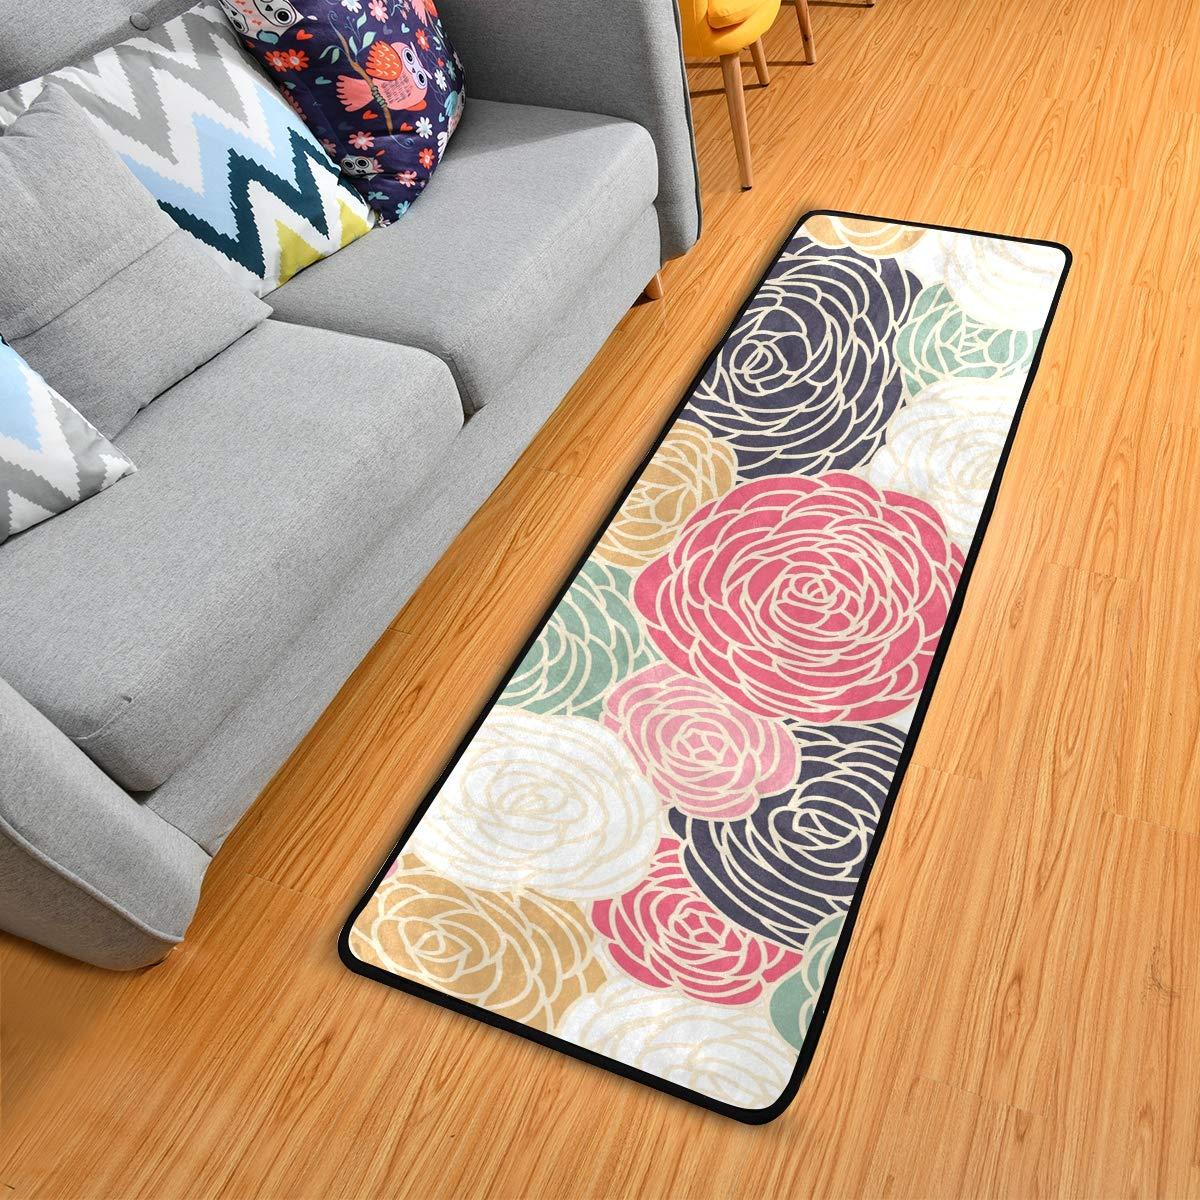 Hallway Runner Rug Rubber Backing - Vintage Rose Runner Rug for Kitchen Rug Carpet Runner Non Skid Washable Rug Runner 2x6